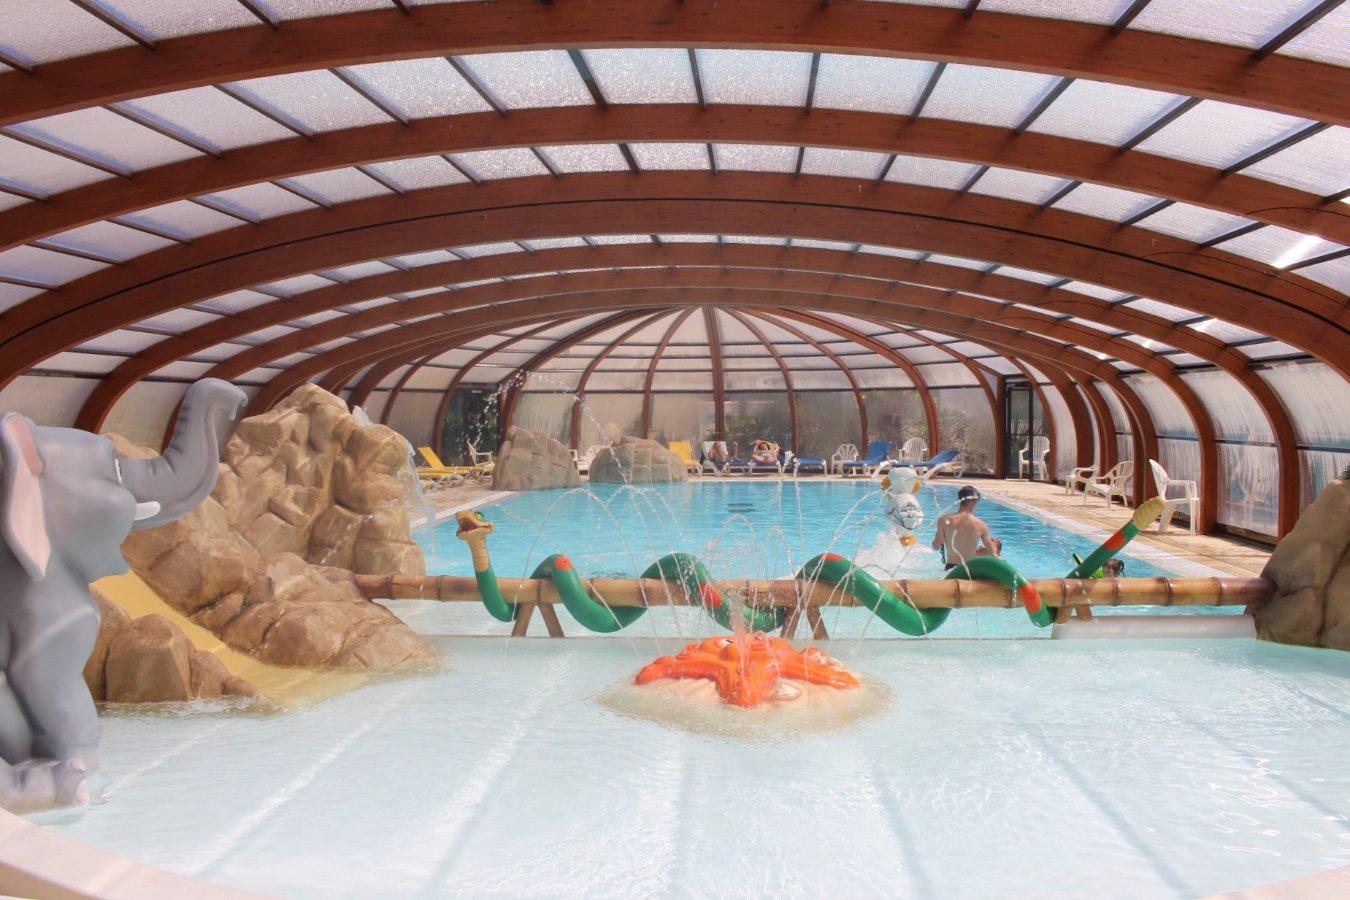 Camping Ile De Ré Espace Aquatique - ᐃ La Grainetiere ... dedans Camping La Rochelle Avec Piscine